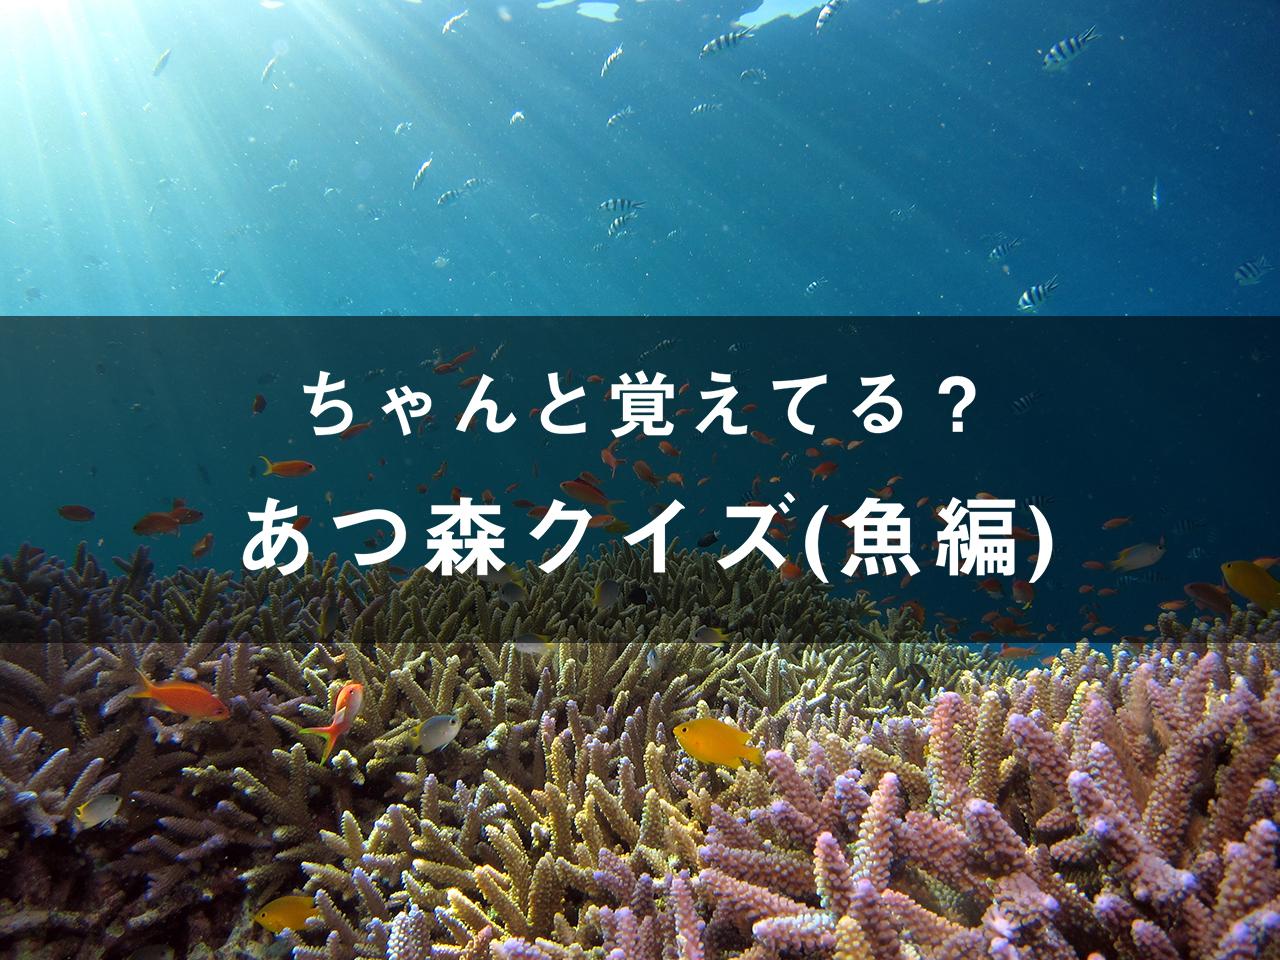 覚えてる?あつ森クイズ(魚コメント編)